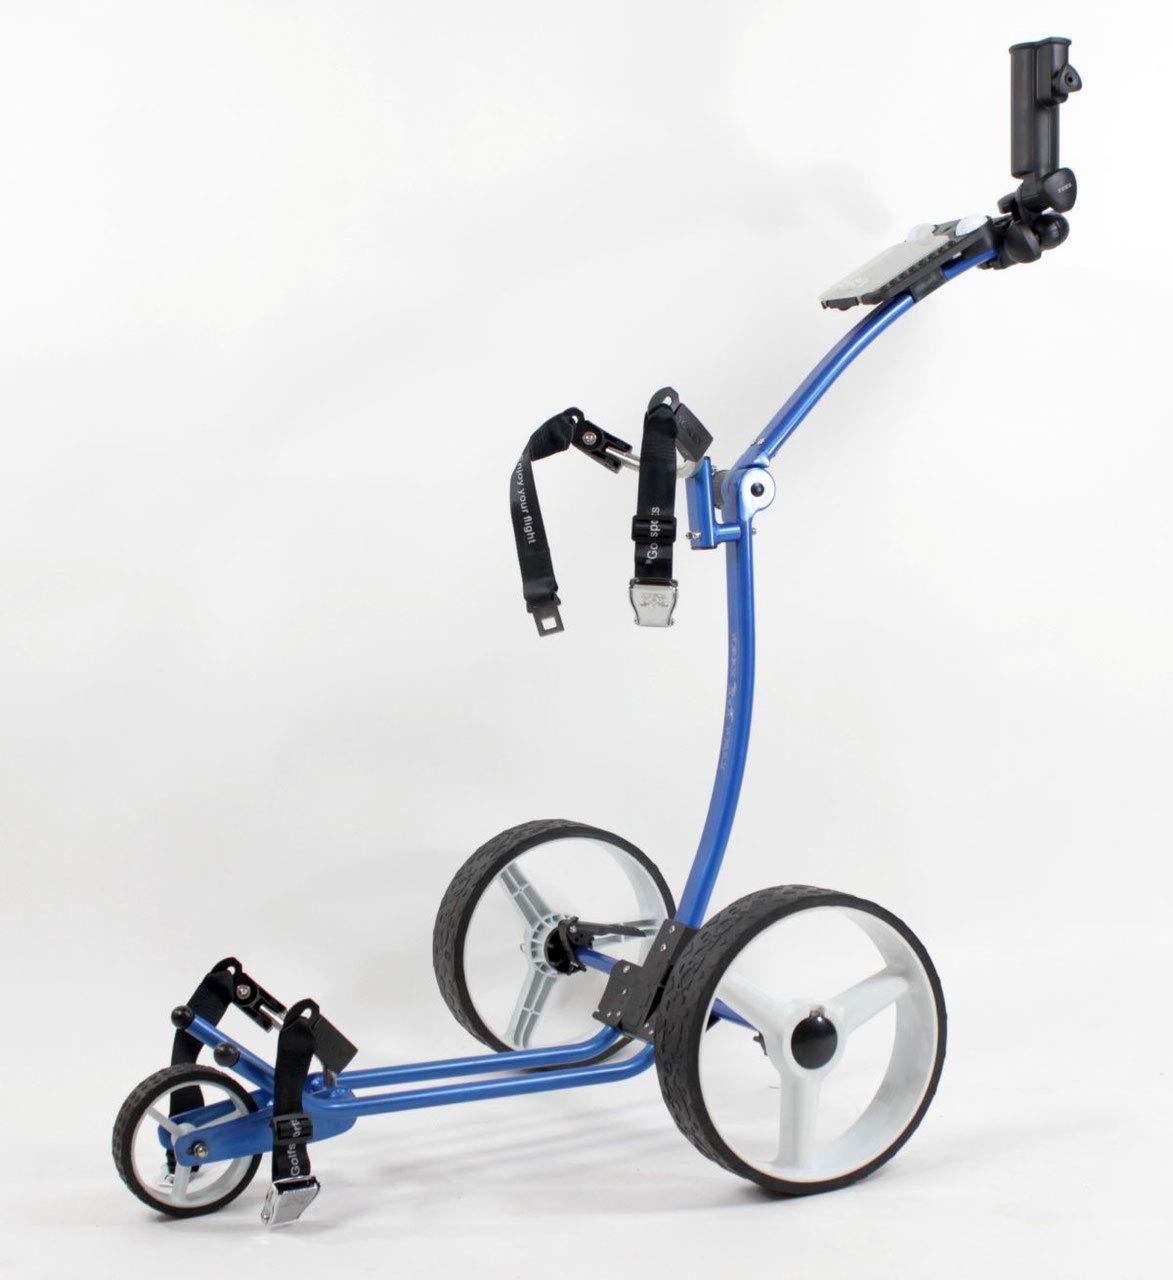 Yorrx® Slim Lion Pro 5Plus Chariot/Chariot de Golf/Golf Cart; d'action: gratuits Porte-Parapluie product image